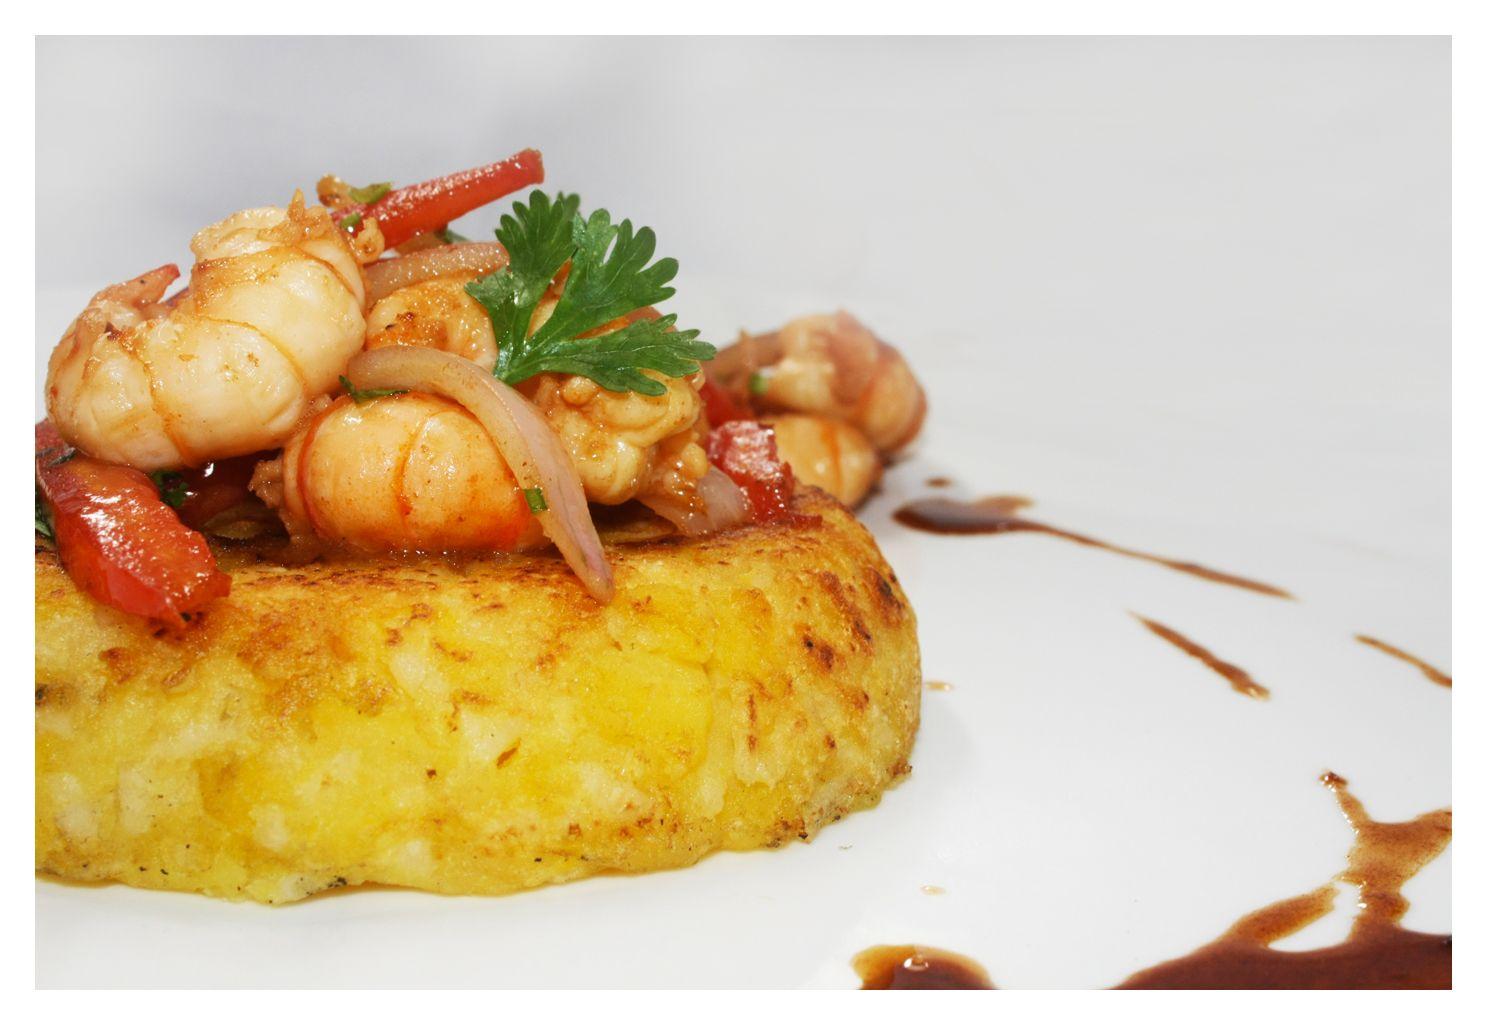 Shrimp stir-fry over Runtus potato tacu tacu. Chef Marilu Madueño